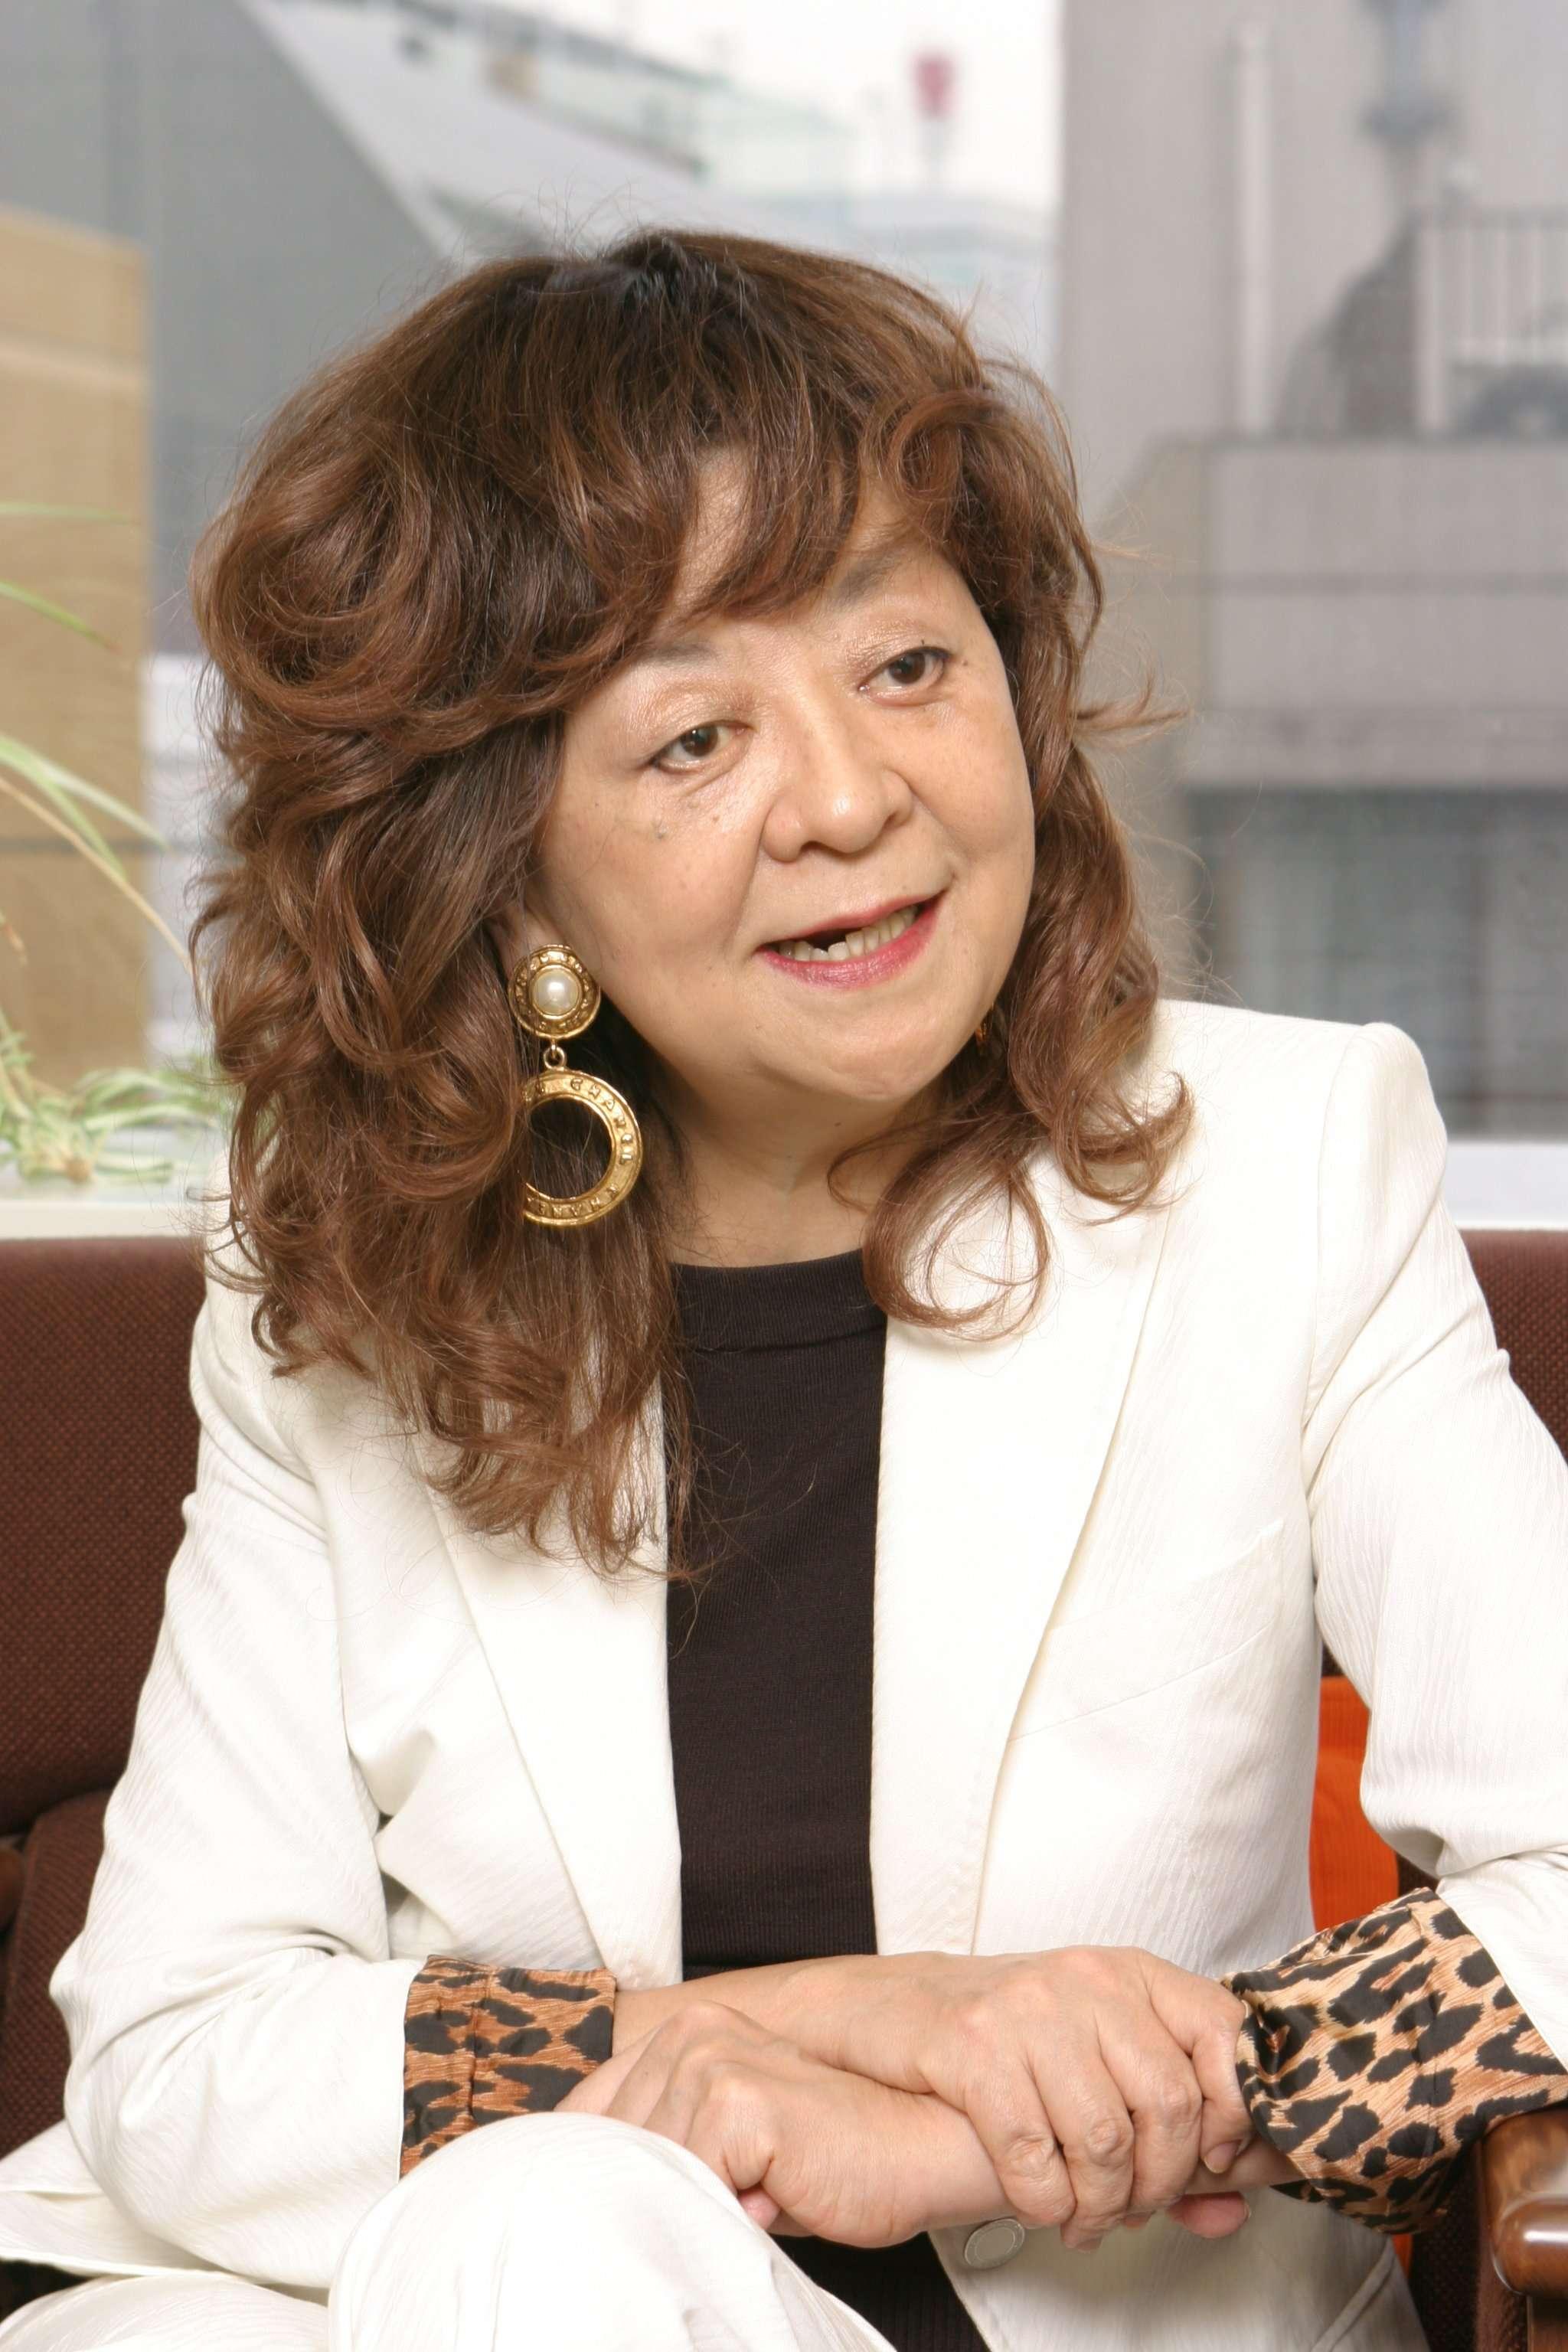 内館牧子さん、日本語の乱れを嘆く「NHKの女子アナが『普通においしい』って。ここまできたか、と思った」